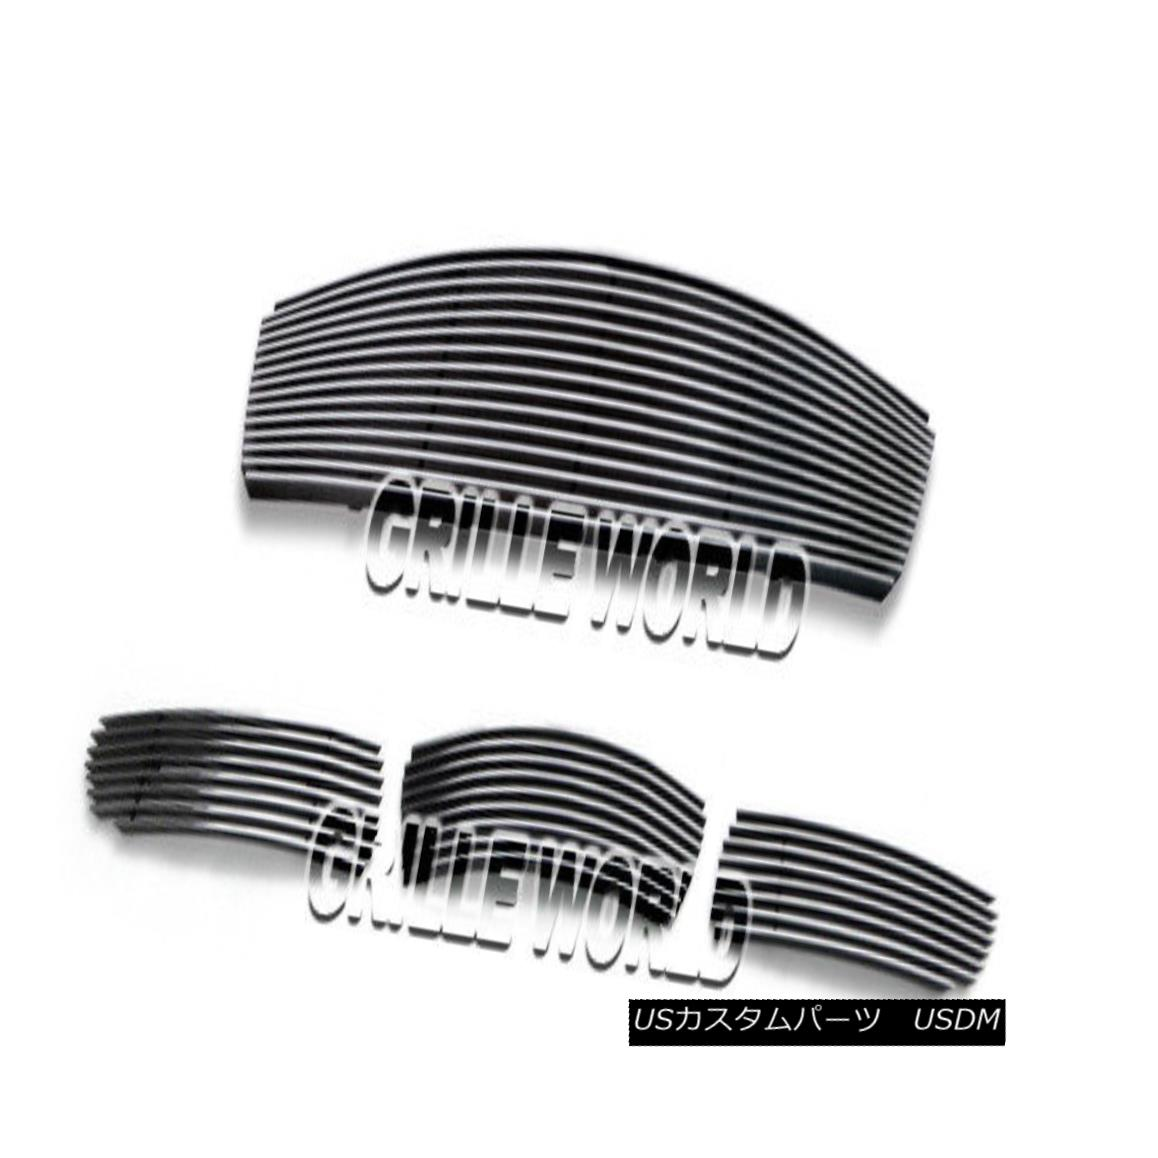 グリル For 07-08 Infiniti G35 Sedan Reg Model Billet Premium Grille Insert Combo 07-08インフィニティG35セダンレギュモデルビレットプレミアムグリルインサートコンボ